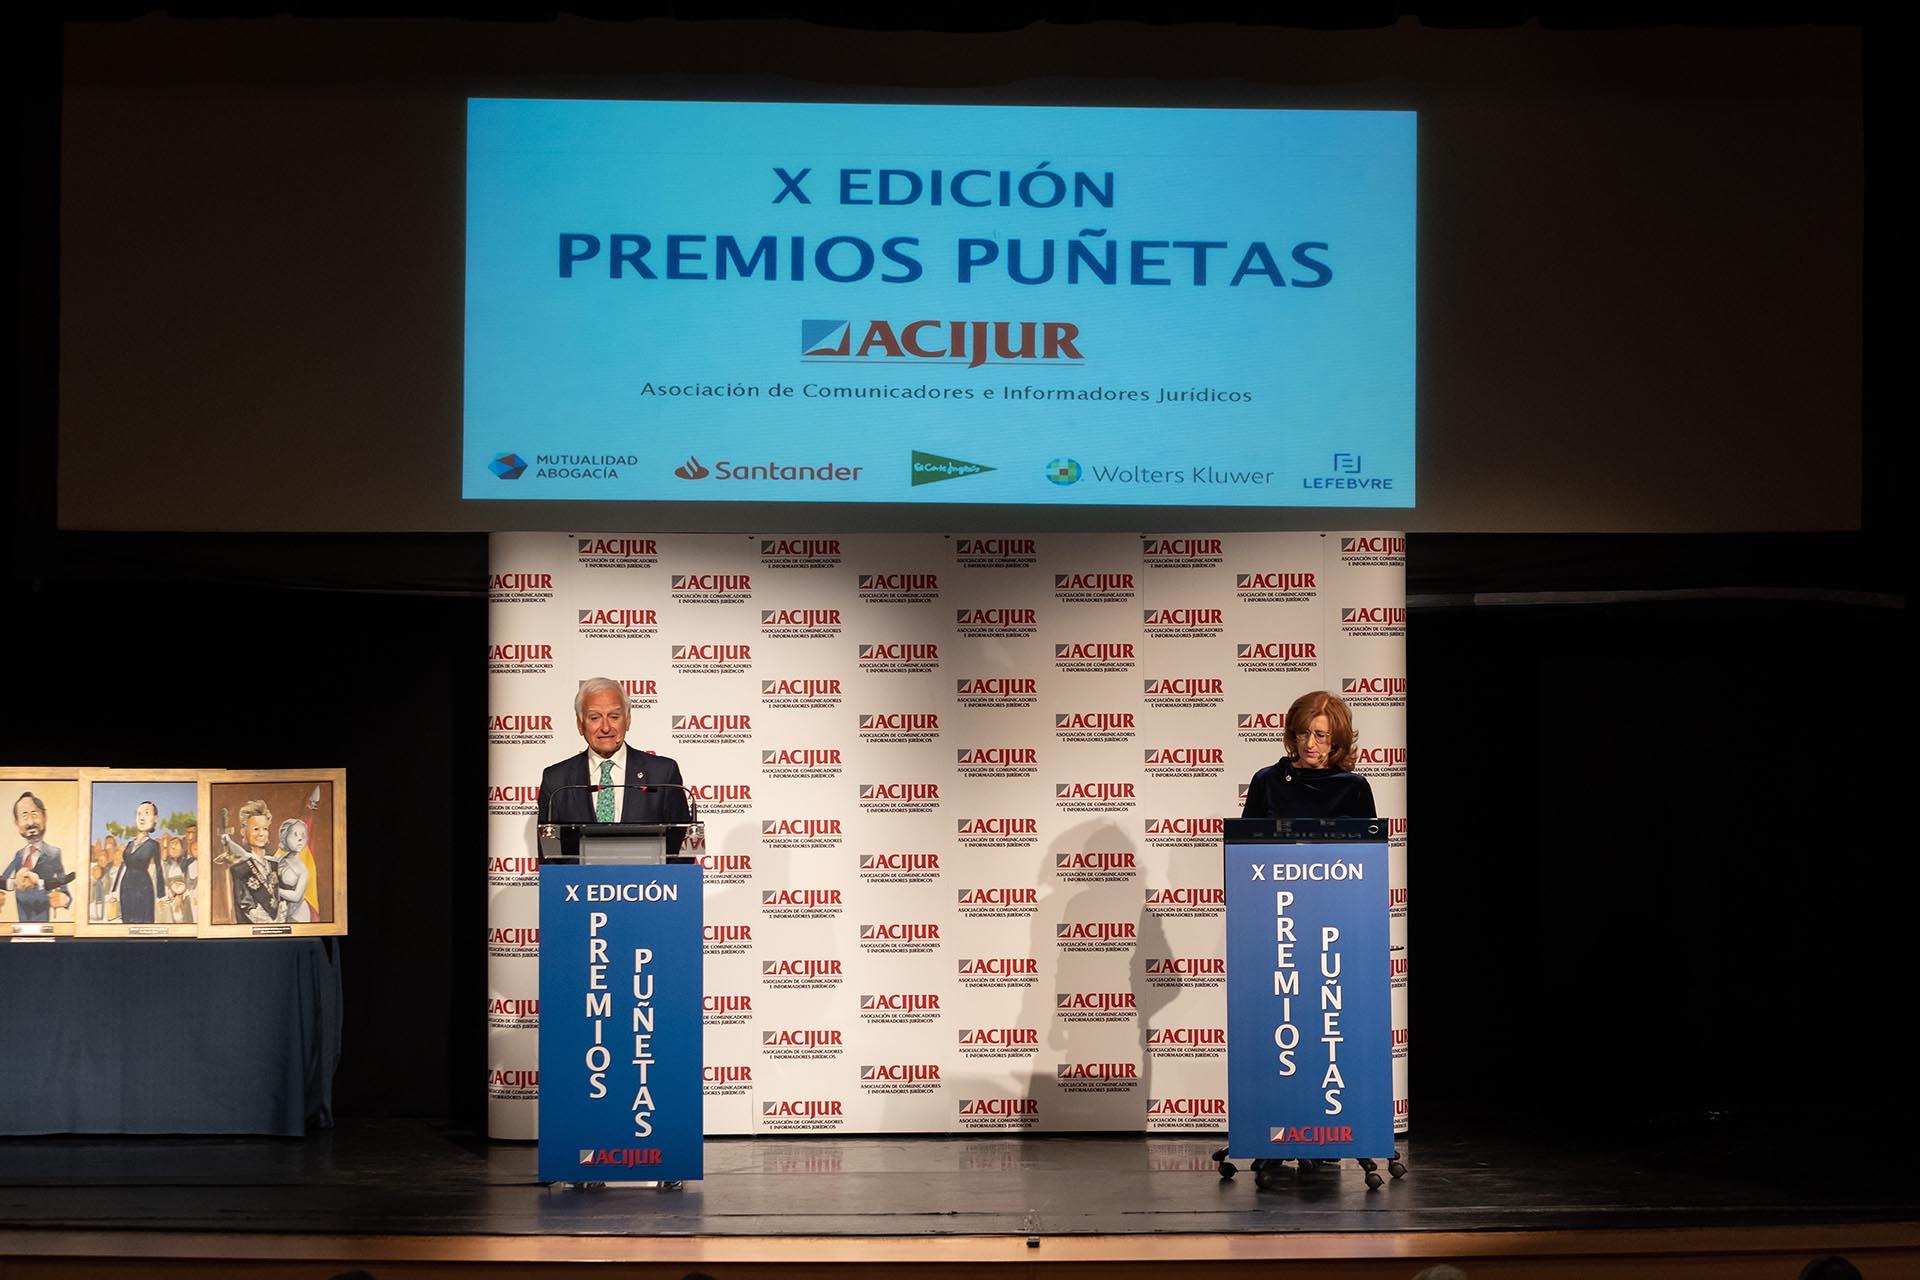 Patricia Rosety y Francisco Muro dan comienzo al acto de entrega de la X Edición de los Premios Puñetas.